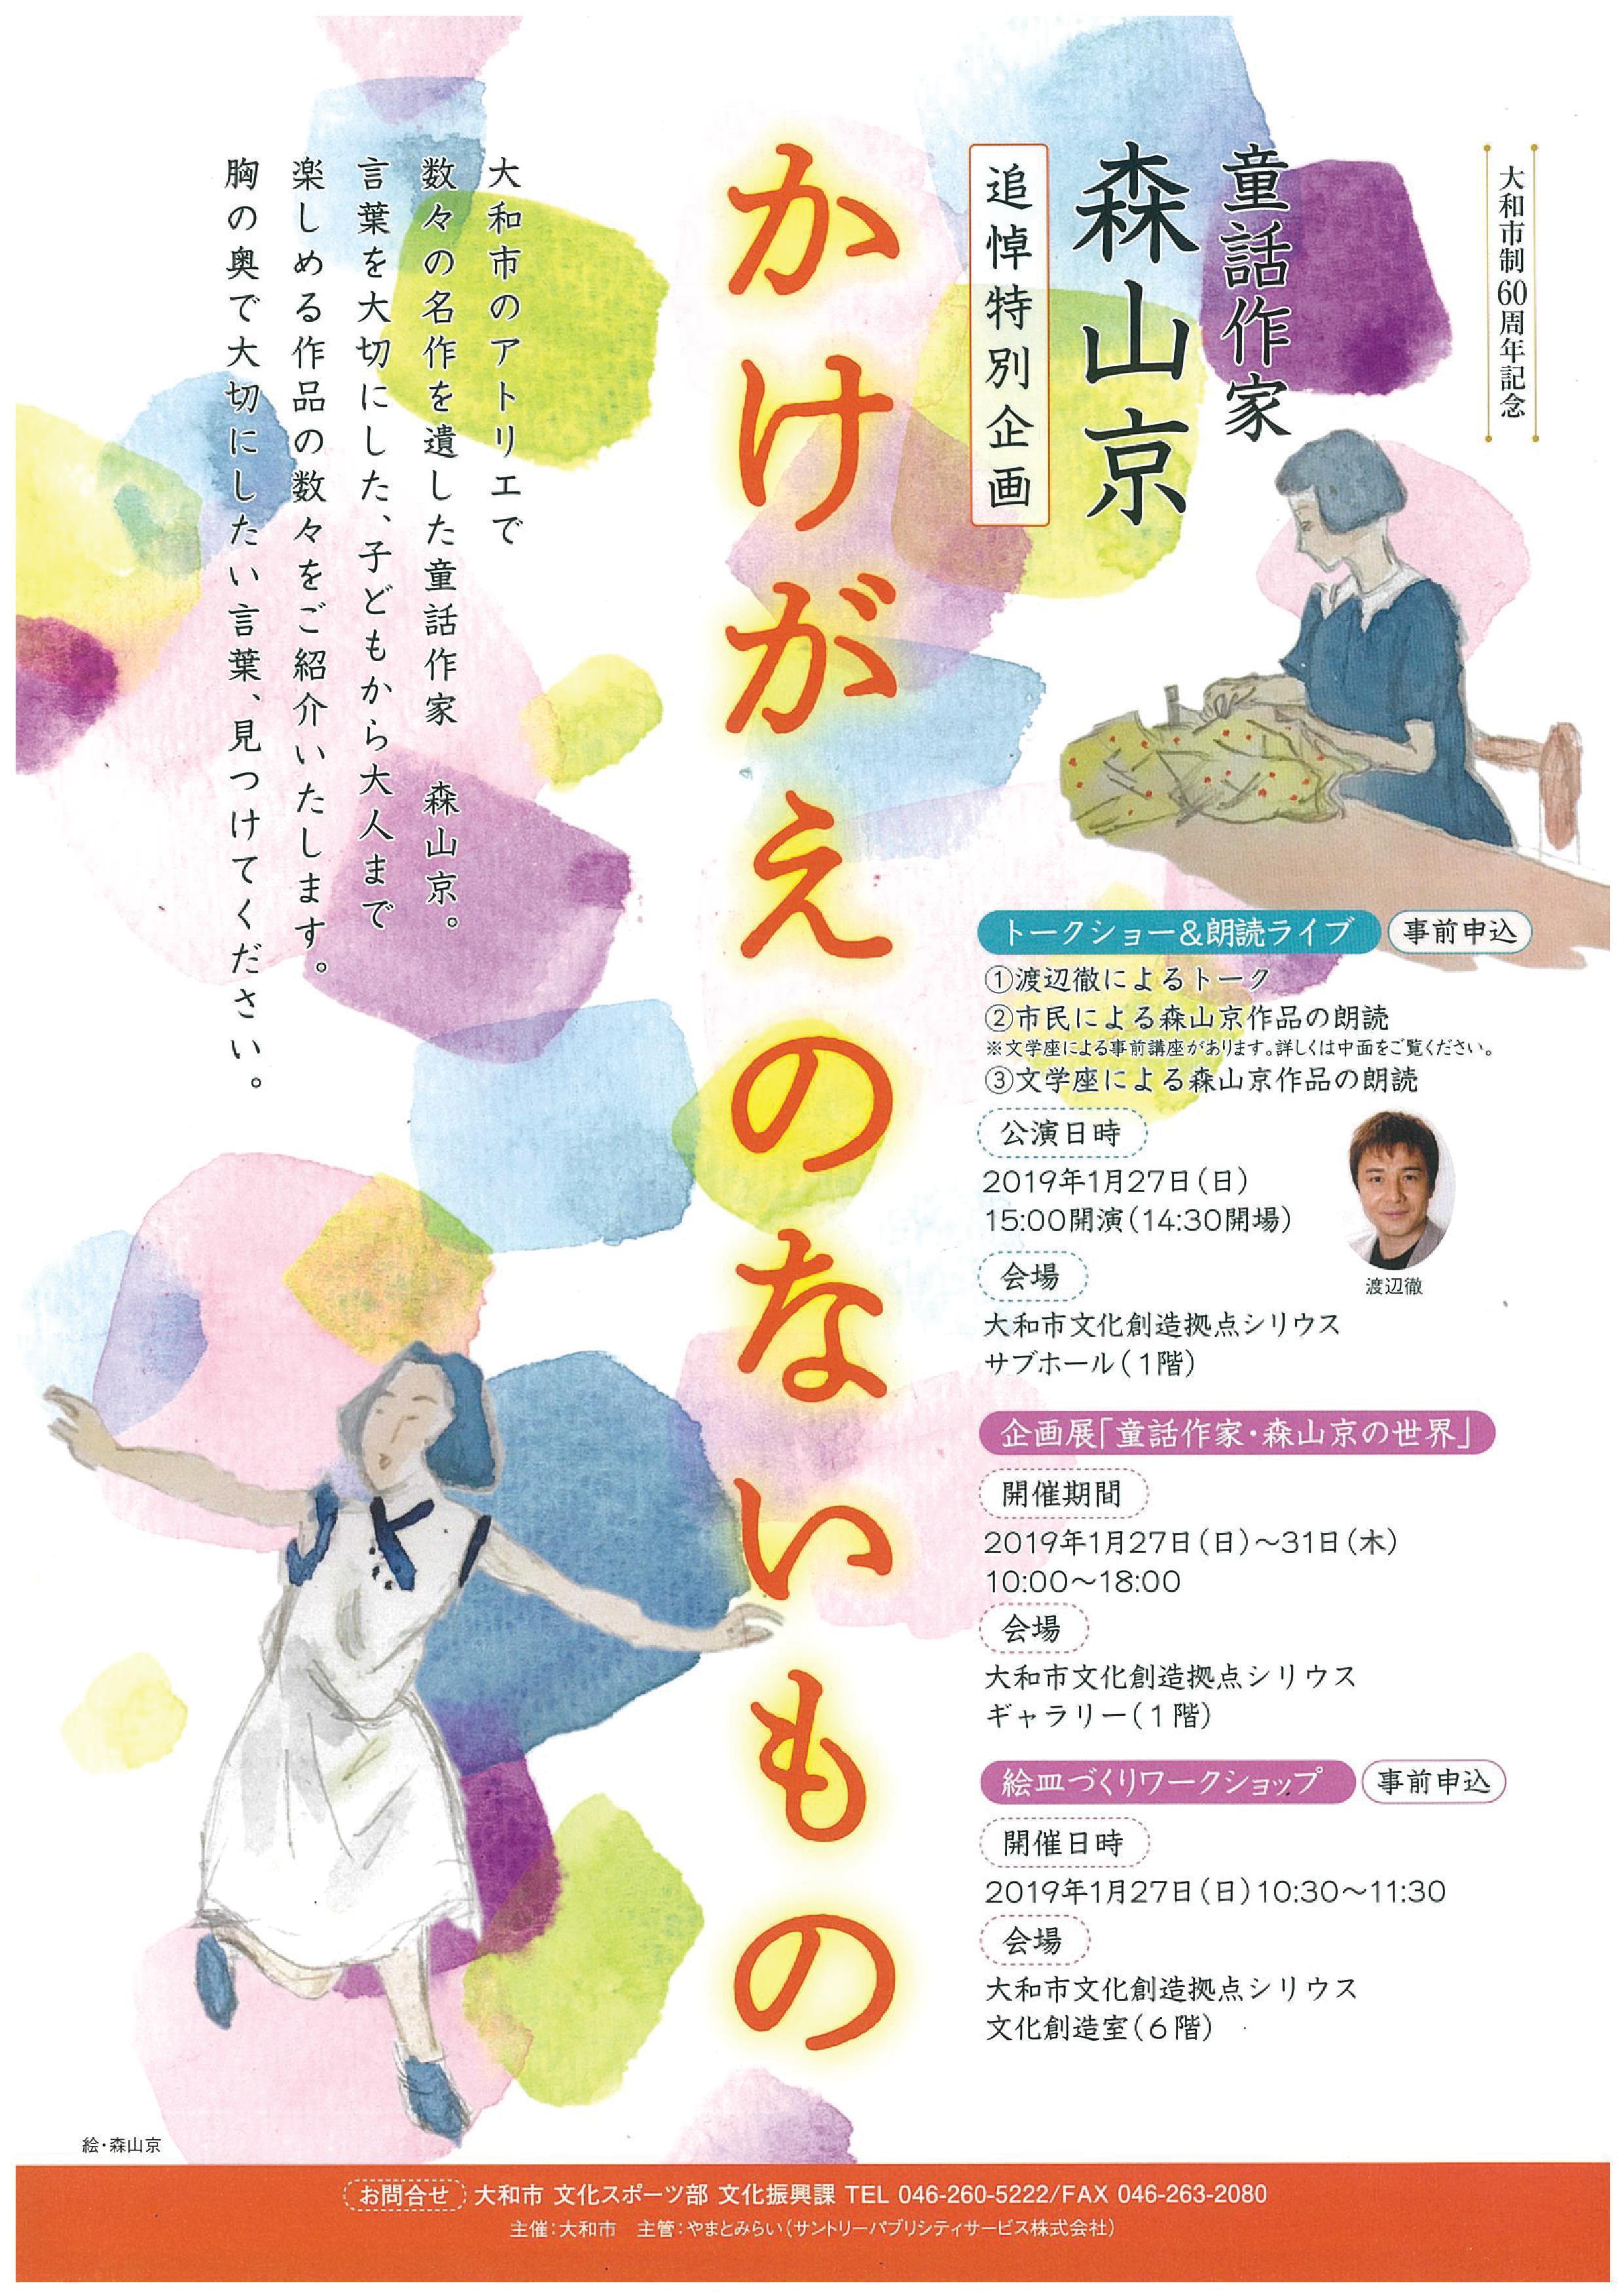 <大和市協働事業>童話作家 森山京 追悼特別企画 「かけがえのないもの」